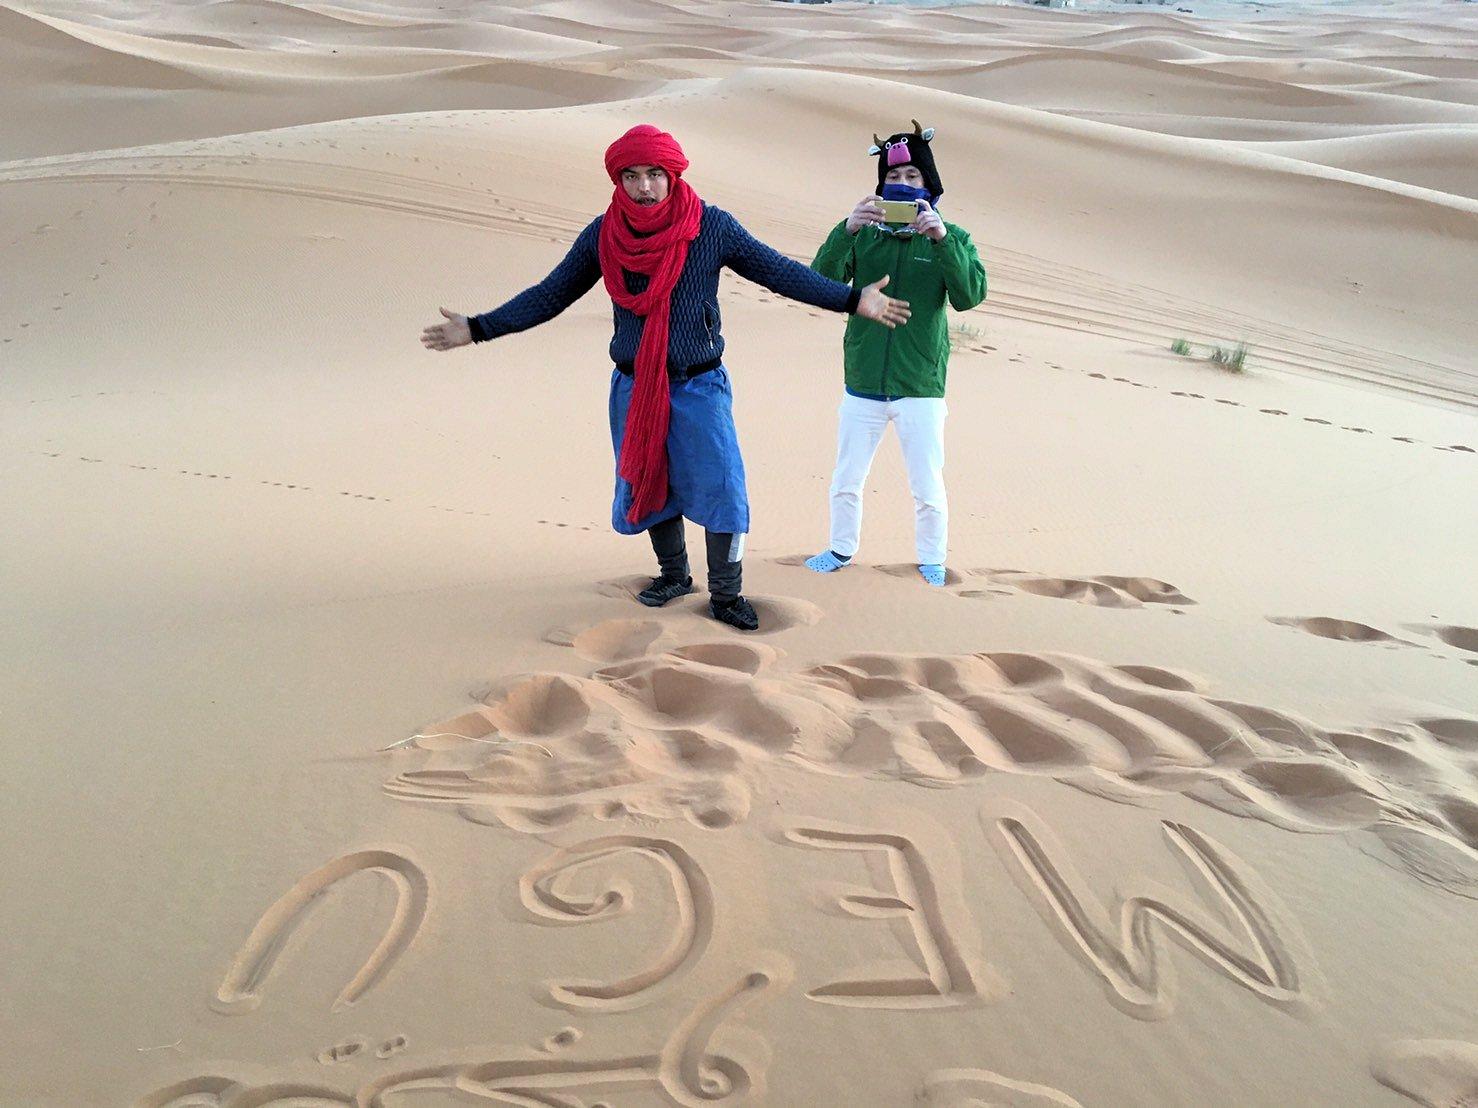 モロッコのサハラ砂漠で朝日が昇る前の時間に色々と遊ぶ1